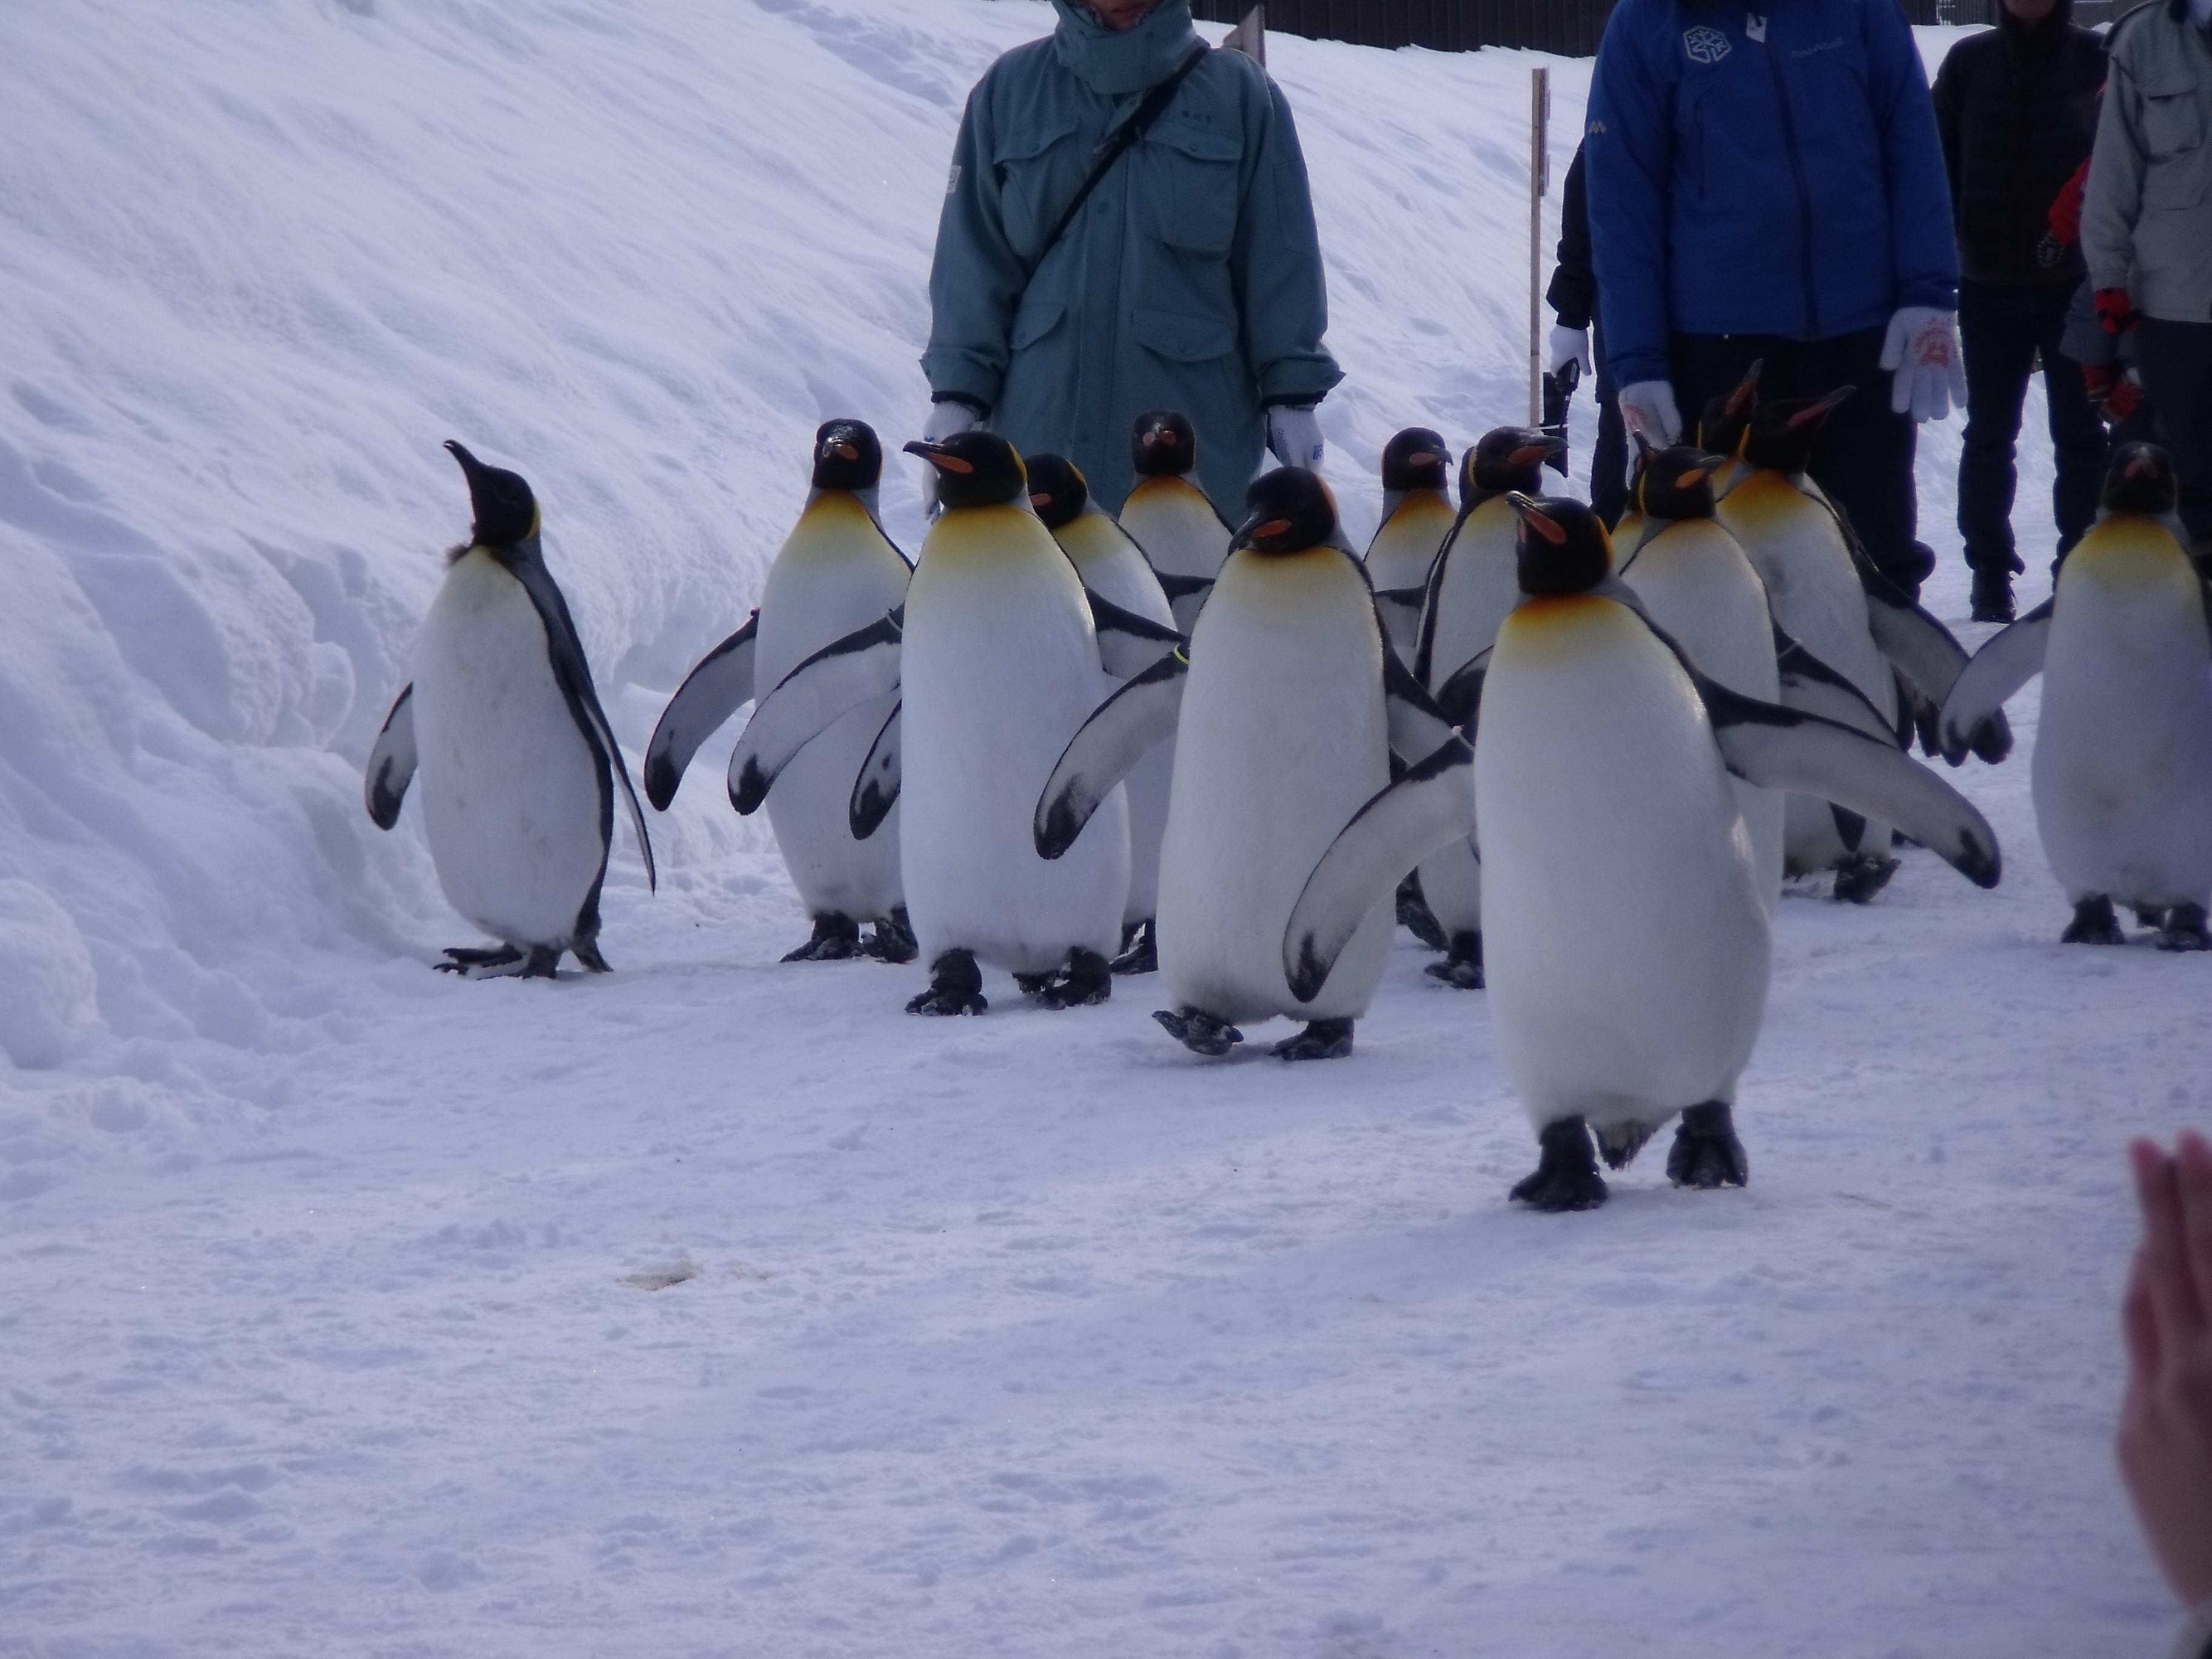 每天下午3点还有企鹅散步的活动